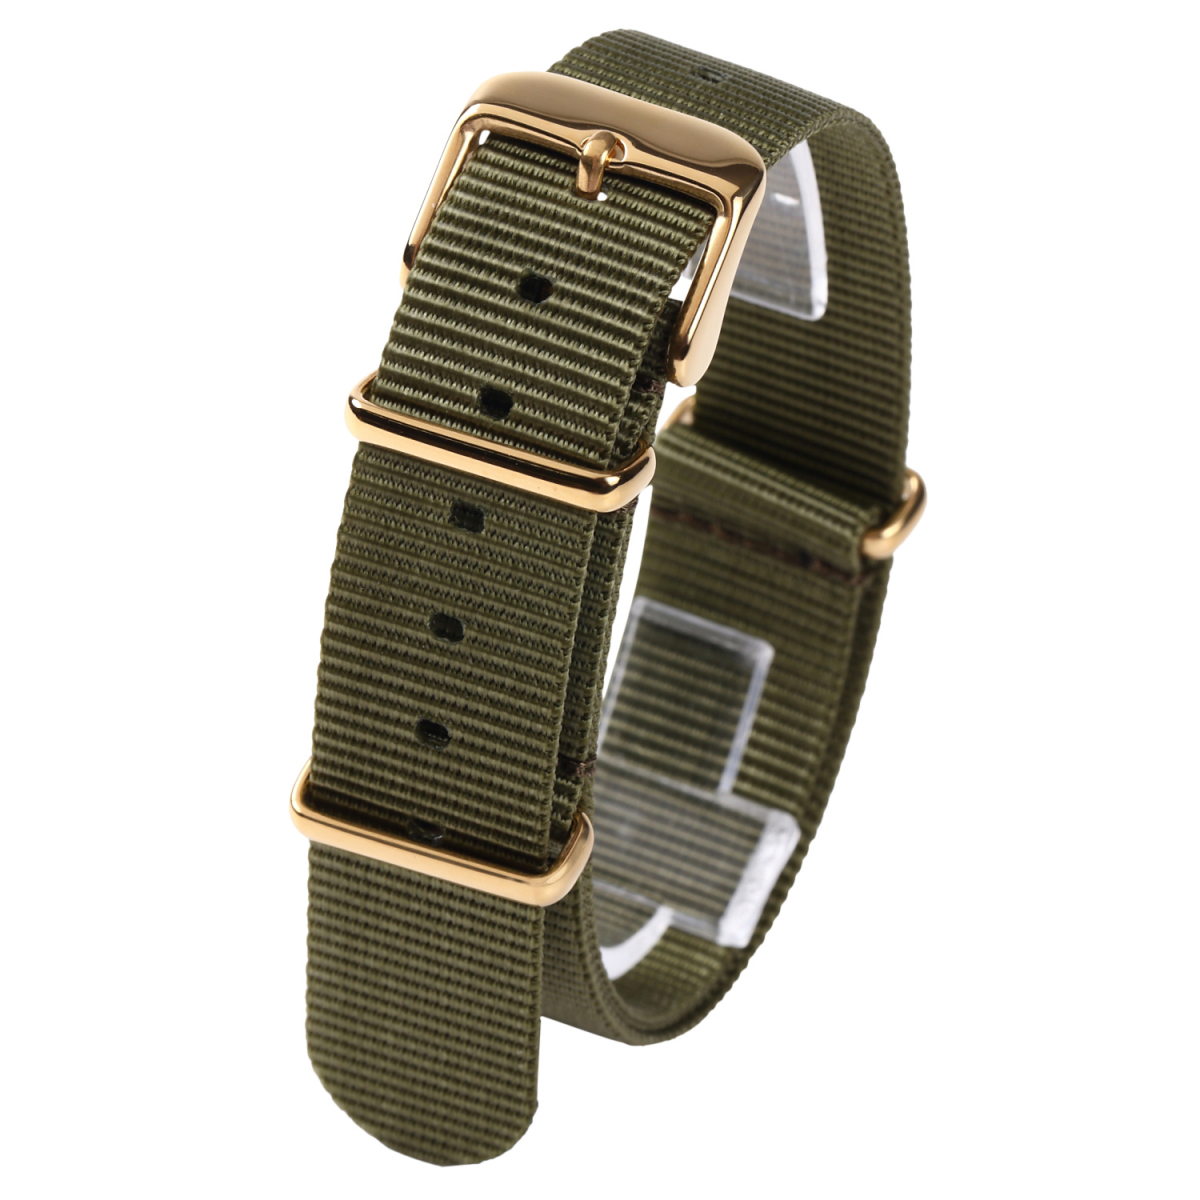 時計ベルト NATO ゴールドバックル ショートサイズ カーキグリーン 18mm 取付けマニュアル _画像1